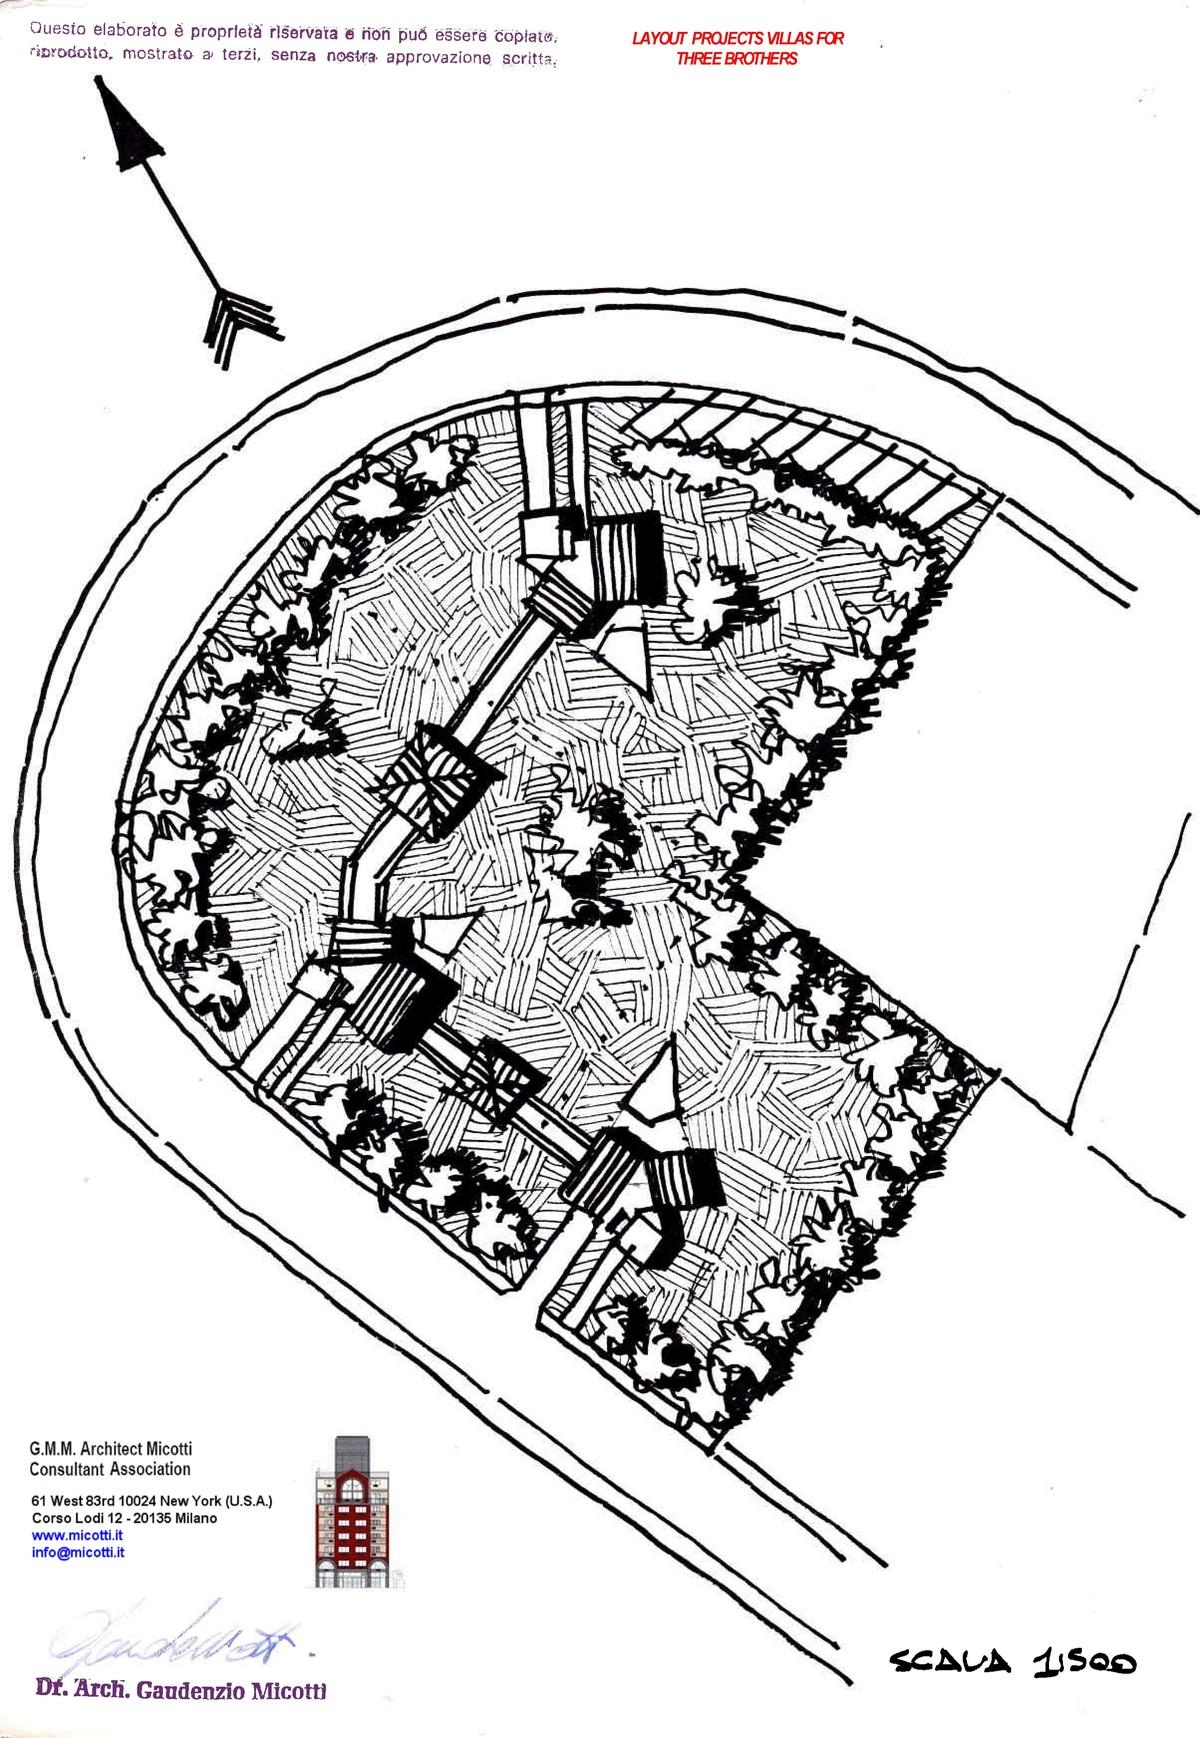 General Plan view